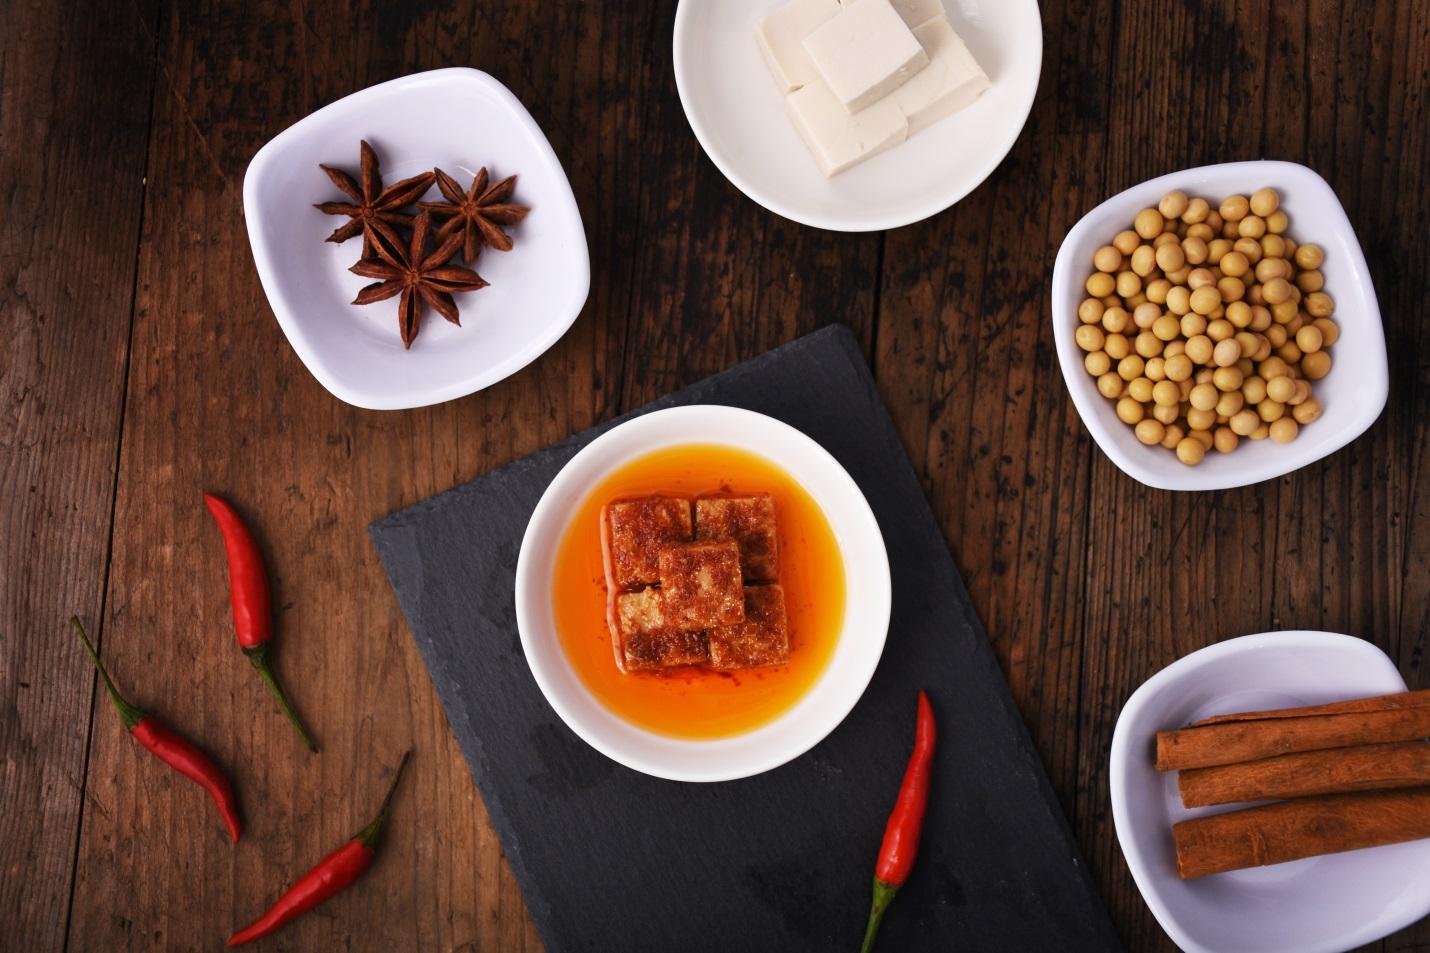 Đặc trưng của thực phẩm lên men – vị umami - Ảnh 2